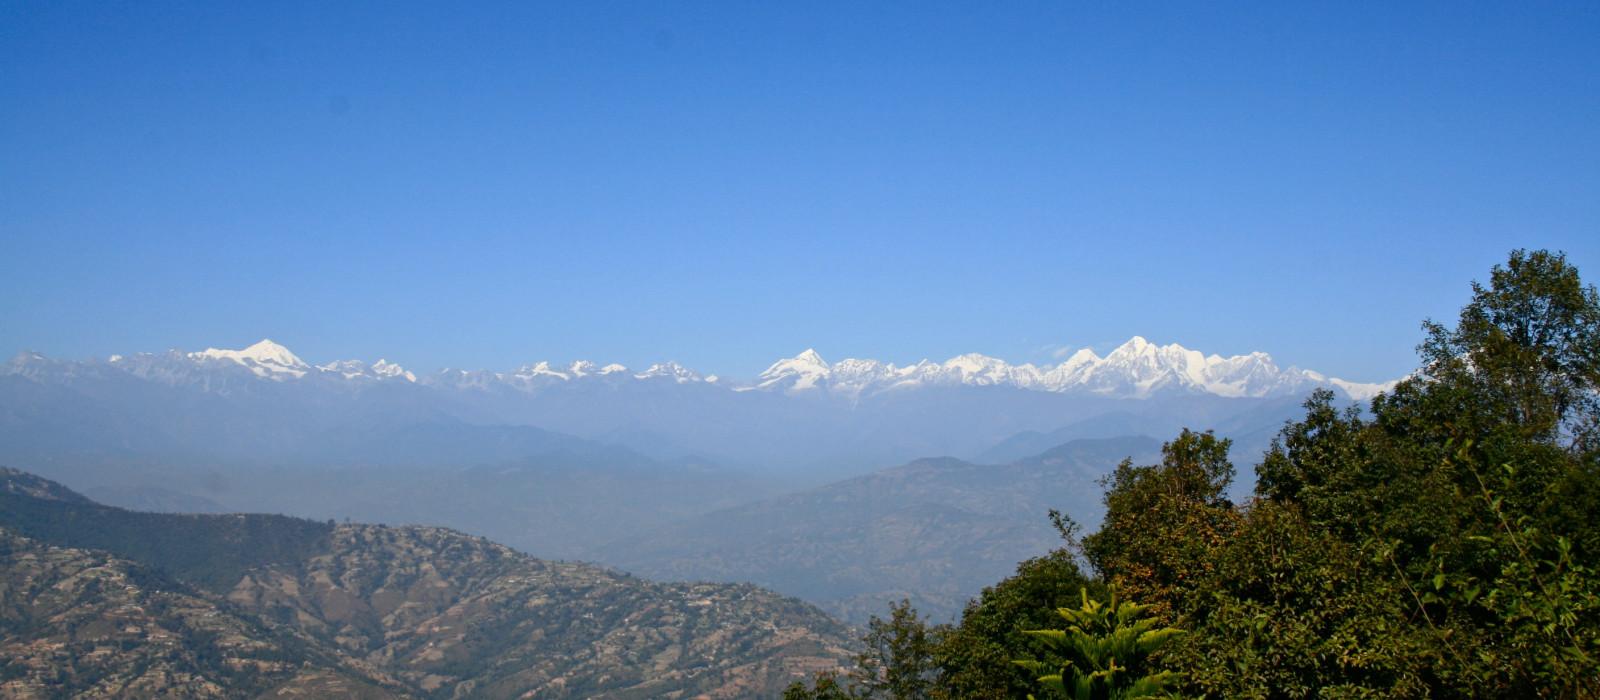 Klassische Nepalreise – dem Himmel so nah Urlaub 1